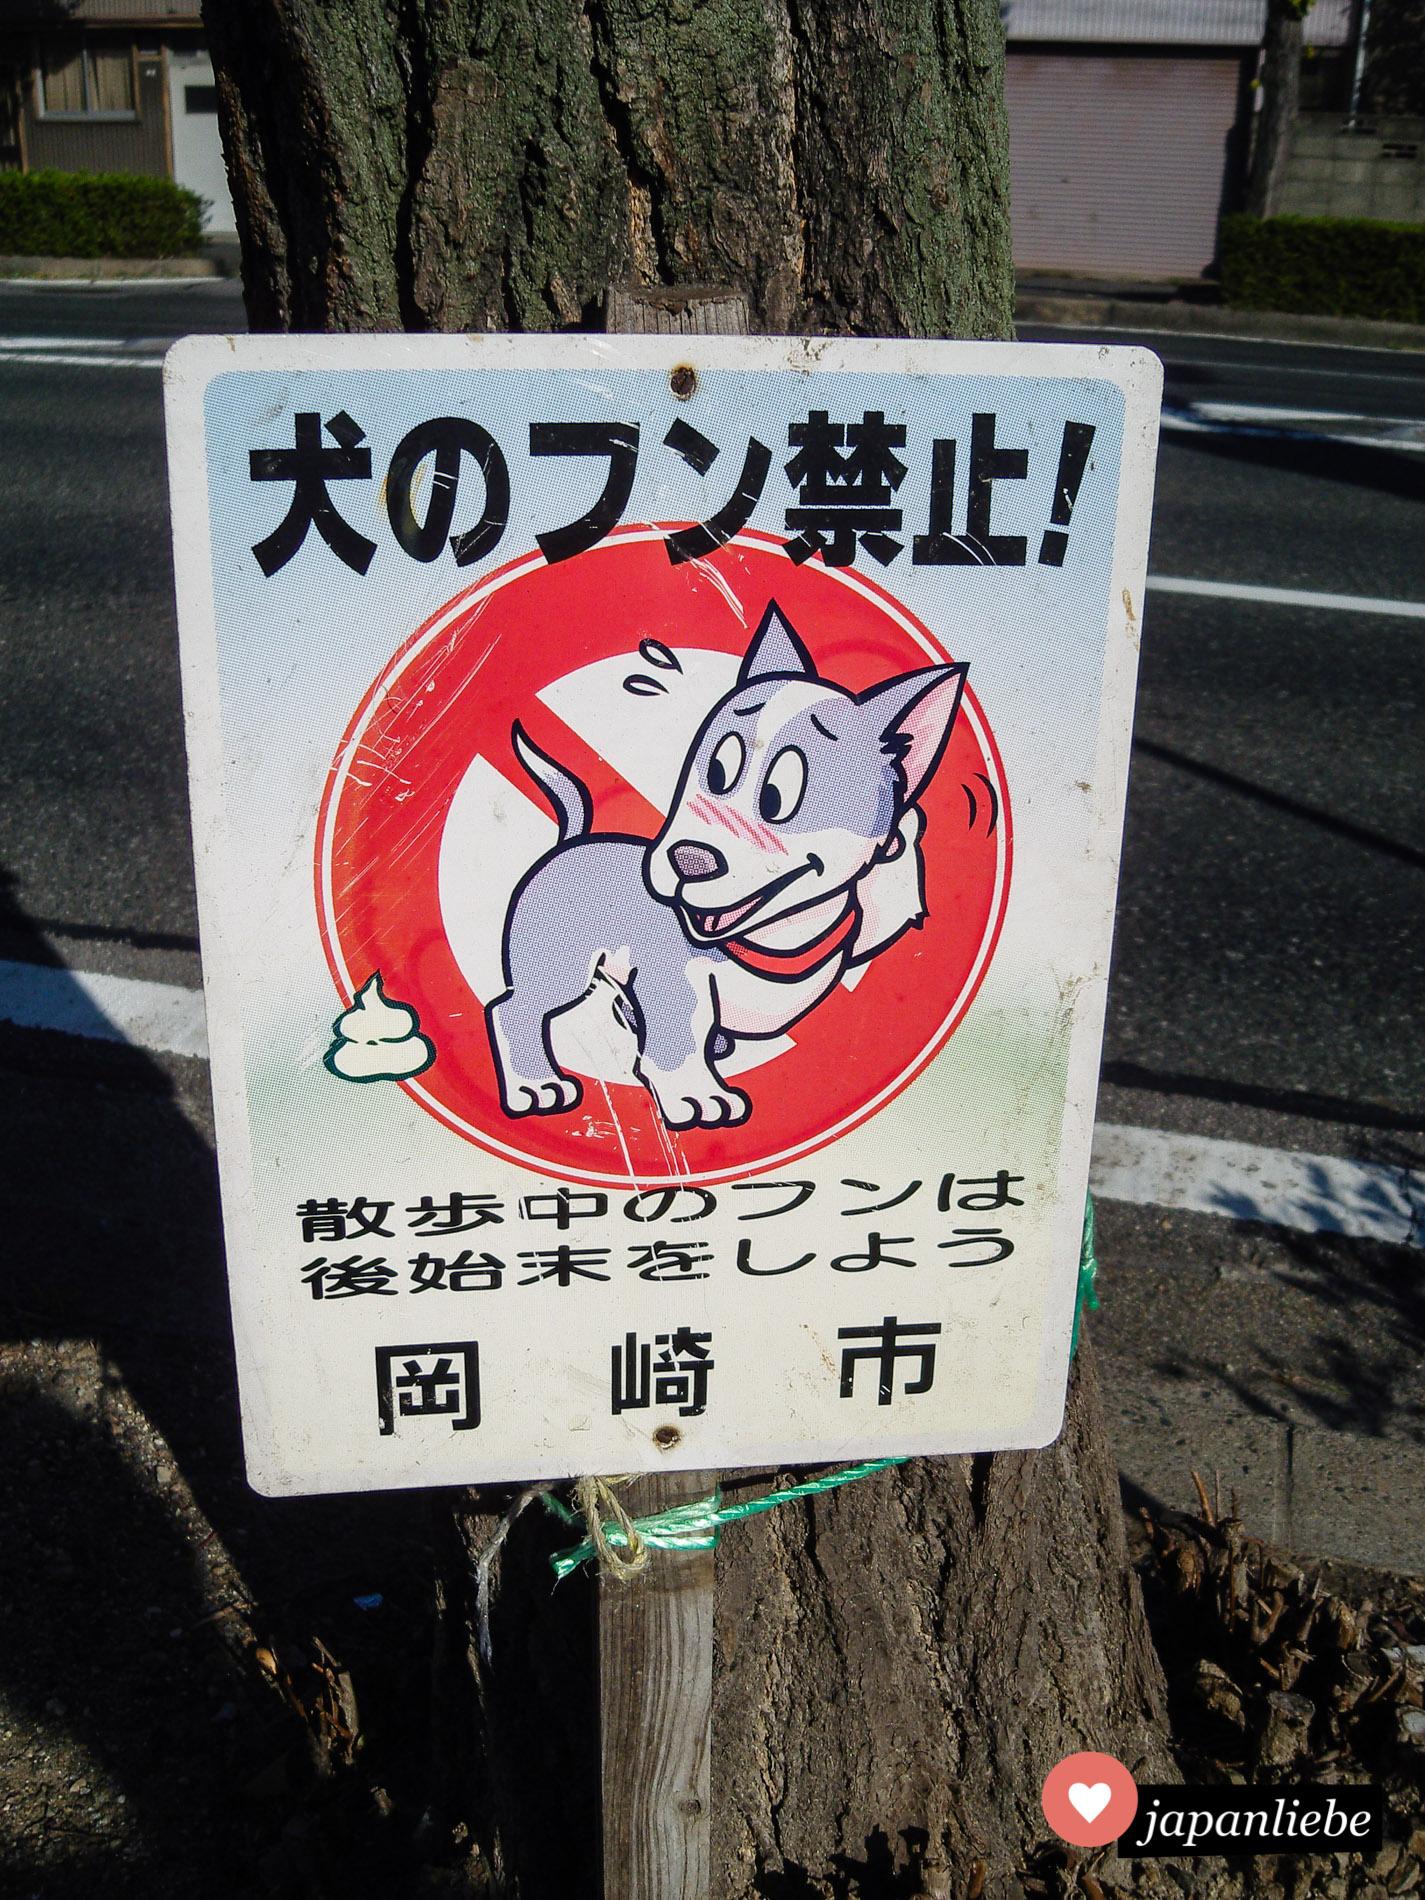 In Okazaki schämt sich der Hund selbst für sein Häufchen.